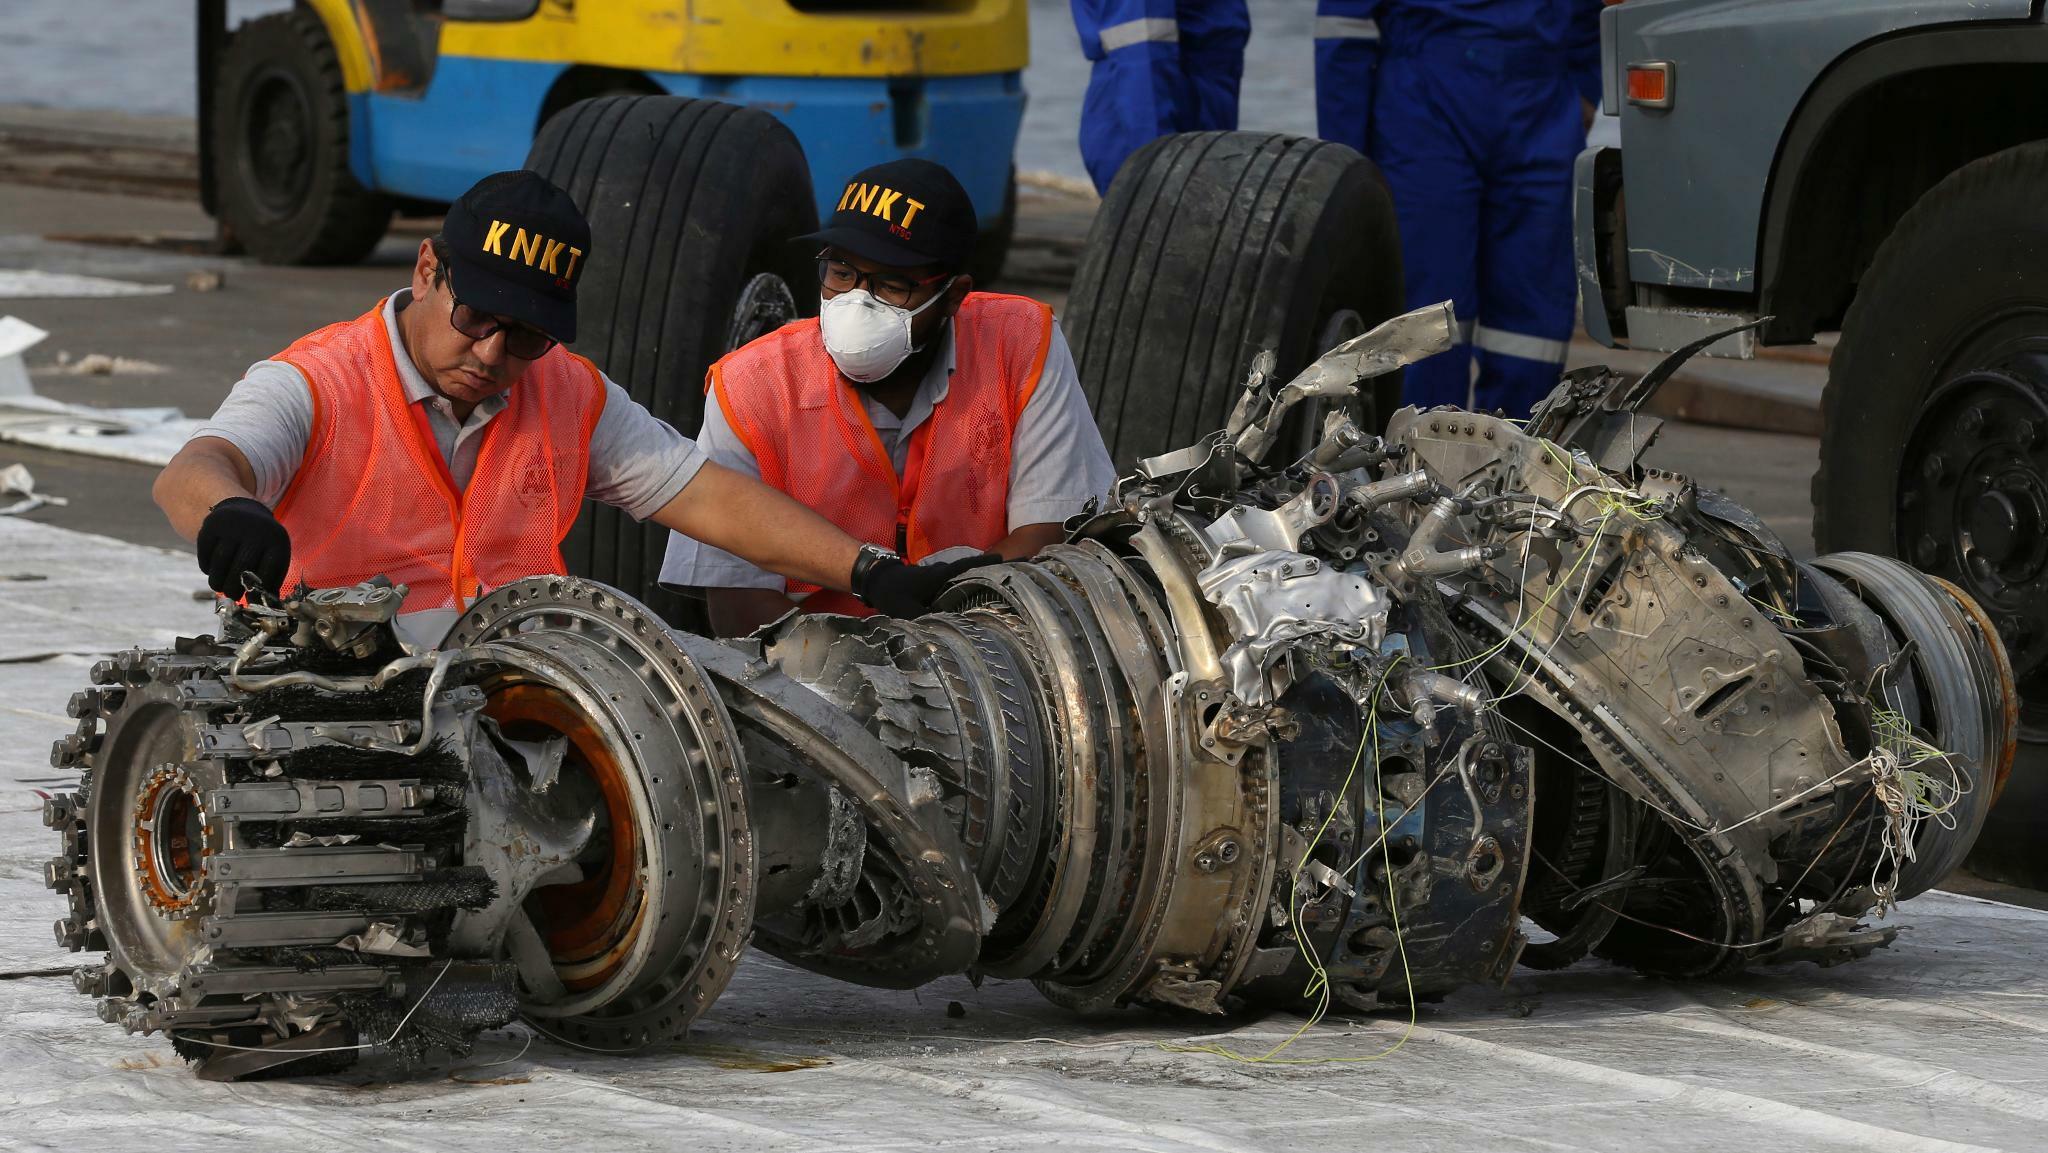 Boeing-Jet: Ermittler sehen Konstruktionsfehler als Grund für 737-Max-Absturz